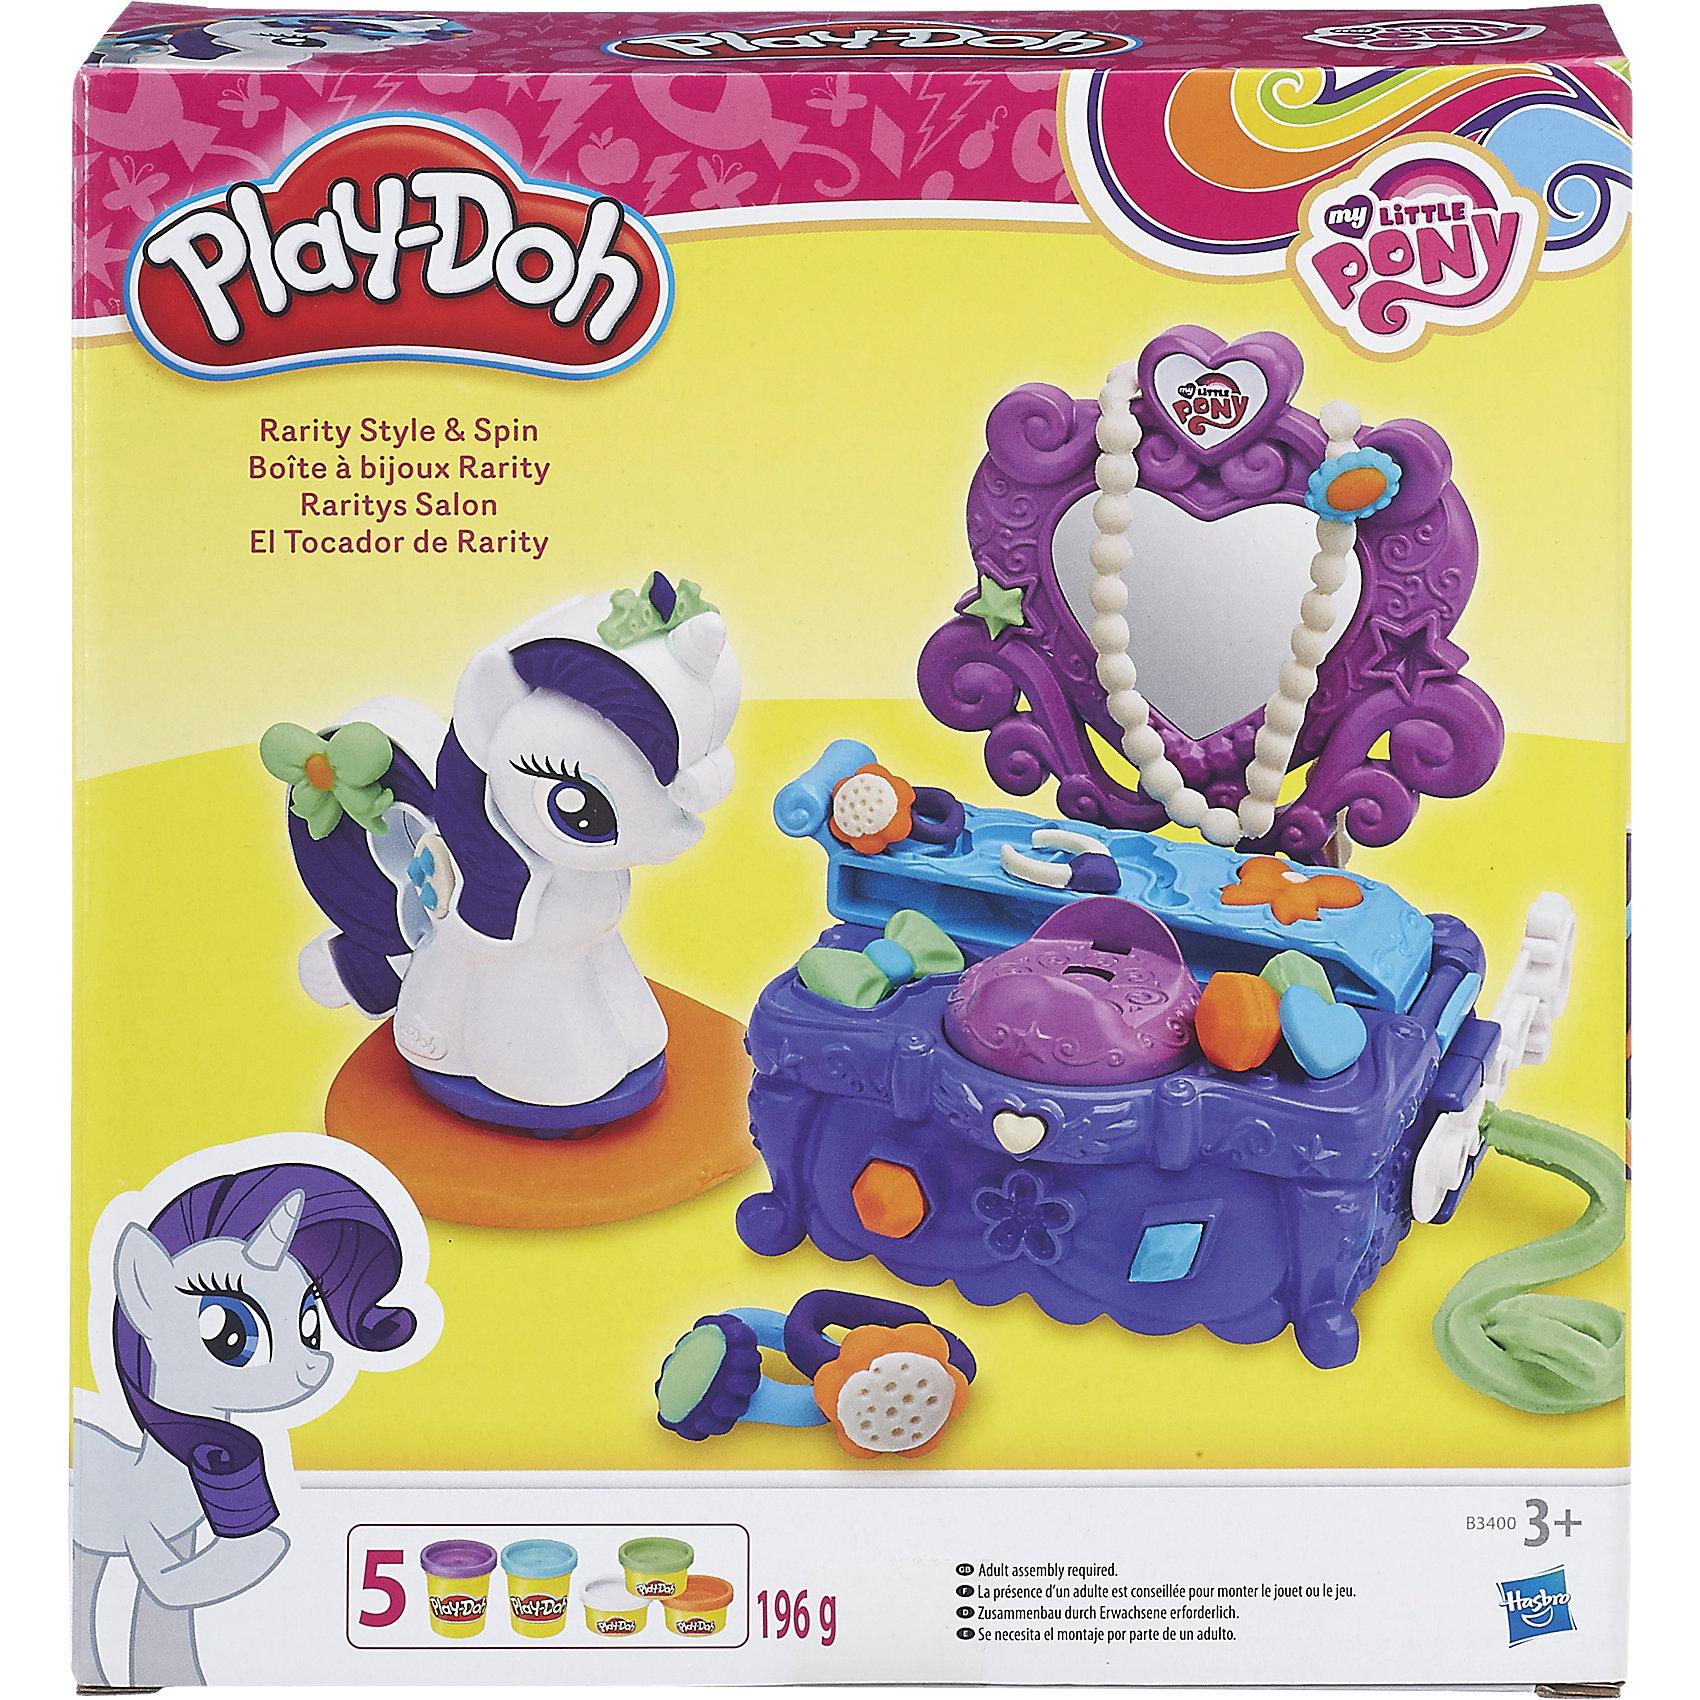 Игровой набор Туалетный столик Рарити, Play-DohНаборы для лепки<br>Набор приведет в восторг всех юных поклонниц мультсериала Моя маленькая Пони. Создай свой уникальный туалетный столик для очаровательной малышки Рарити. <br>Пластилин Play-Doh - уникальный материал для детского творчества. Он не прилипает к рукам, окрашен безопасным красителем, быстро высыхает и не имеет запаха. Пластилин сделан на основе натуральных съедобных продуктов, поэтому даже если ребенок проглотит его, ничего страшного не случится. <br><br>Дополнительная информация:<br><br>- Материал: пластик, пластилин.<br>- Размер упаковки: 21х20х6 см.<br>- Комплектация: туалетный столик, стек, формочки, фигурка пони, 5 баночек play-doh.<br><br>Игровой набор Туалетный столик Рарити, Play-Doh (Плей До), можно купить в нашем магазине.<br><br>Ширина мм: 218<br>Глубина мм: 203<br>Высота мм: 60<br>Вес г: 504<br>Возраст от месяцев: 36<br>Возраст до месяцев: 72<br>Пол: Женский<br>Возраст: Детский<br>SKU: 4319033